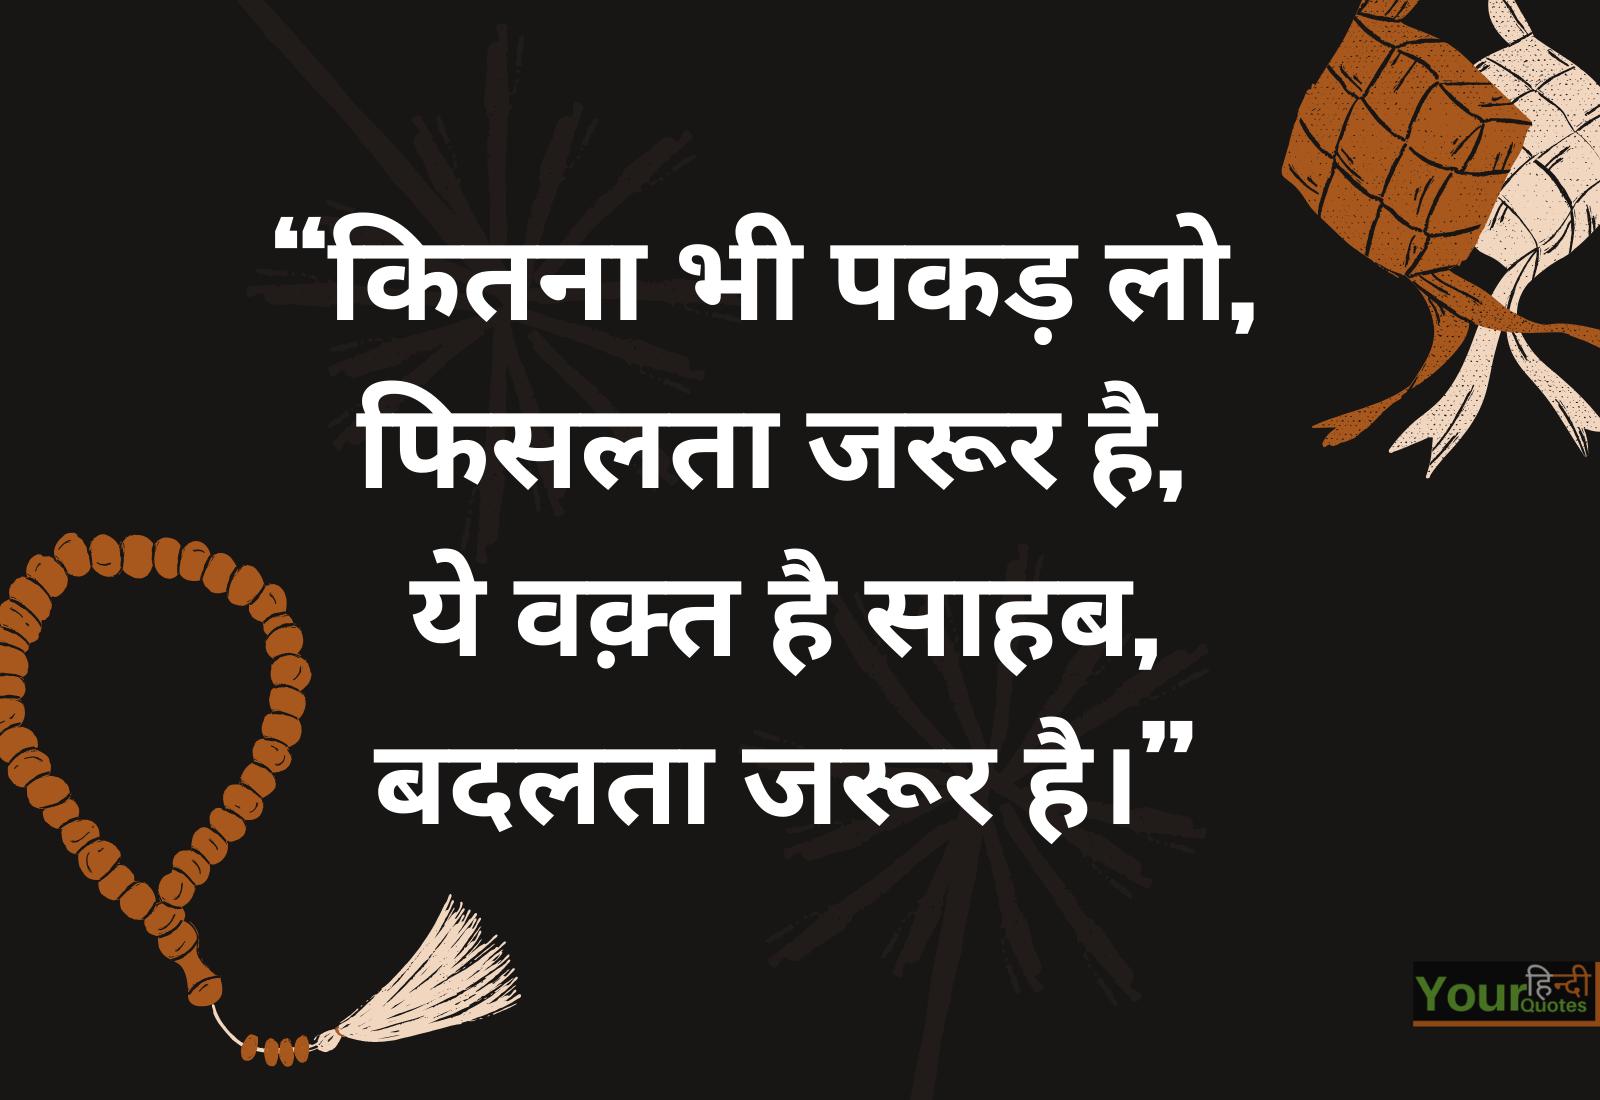 Life Quotes Hindi Image